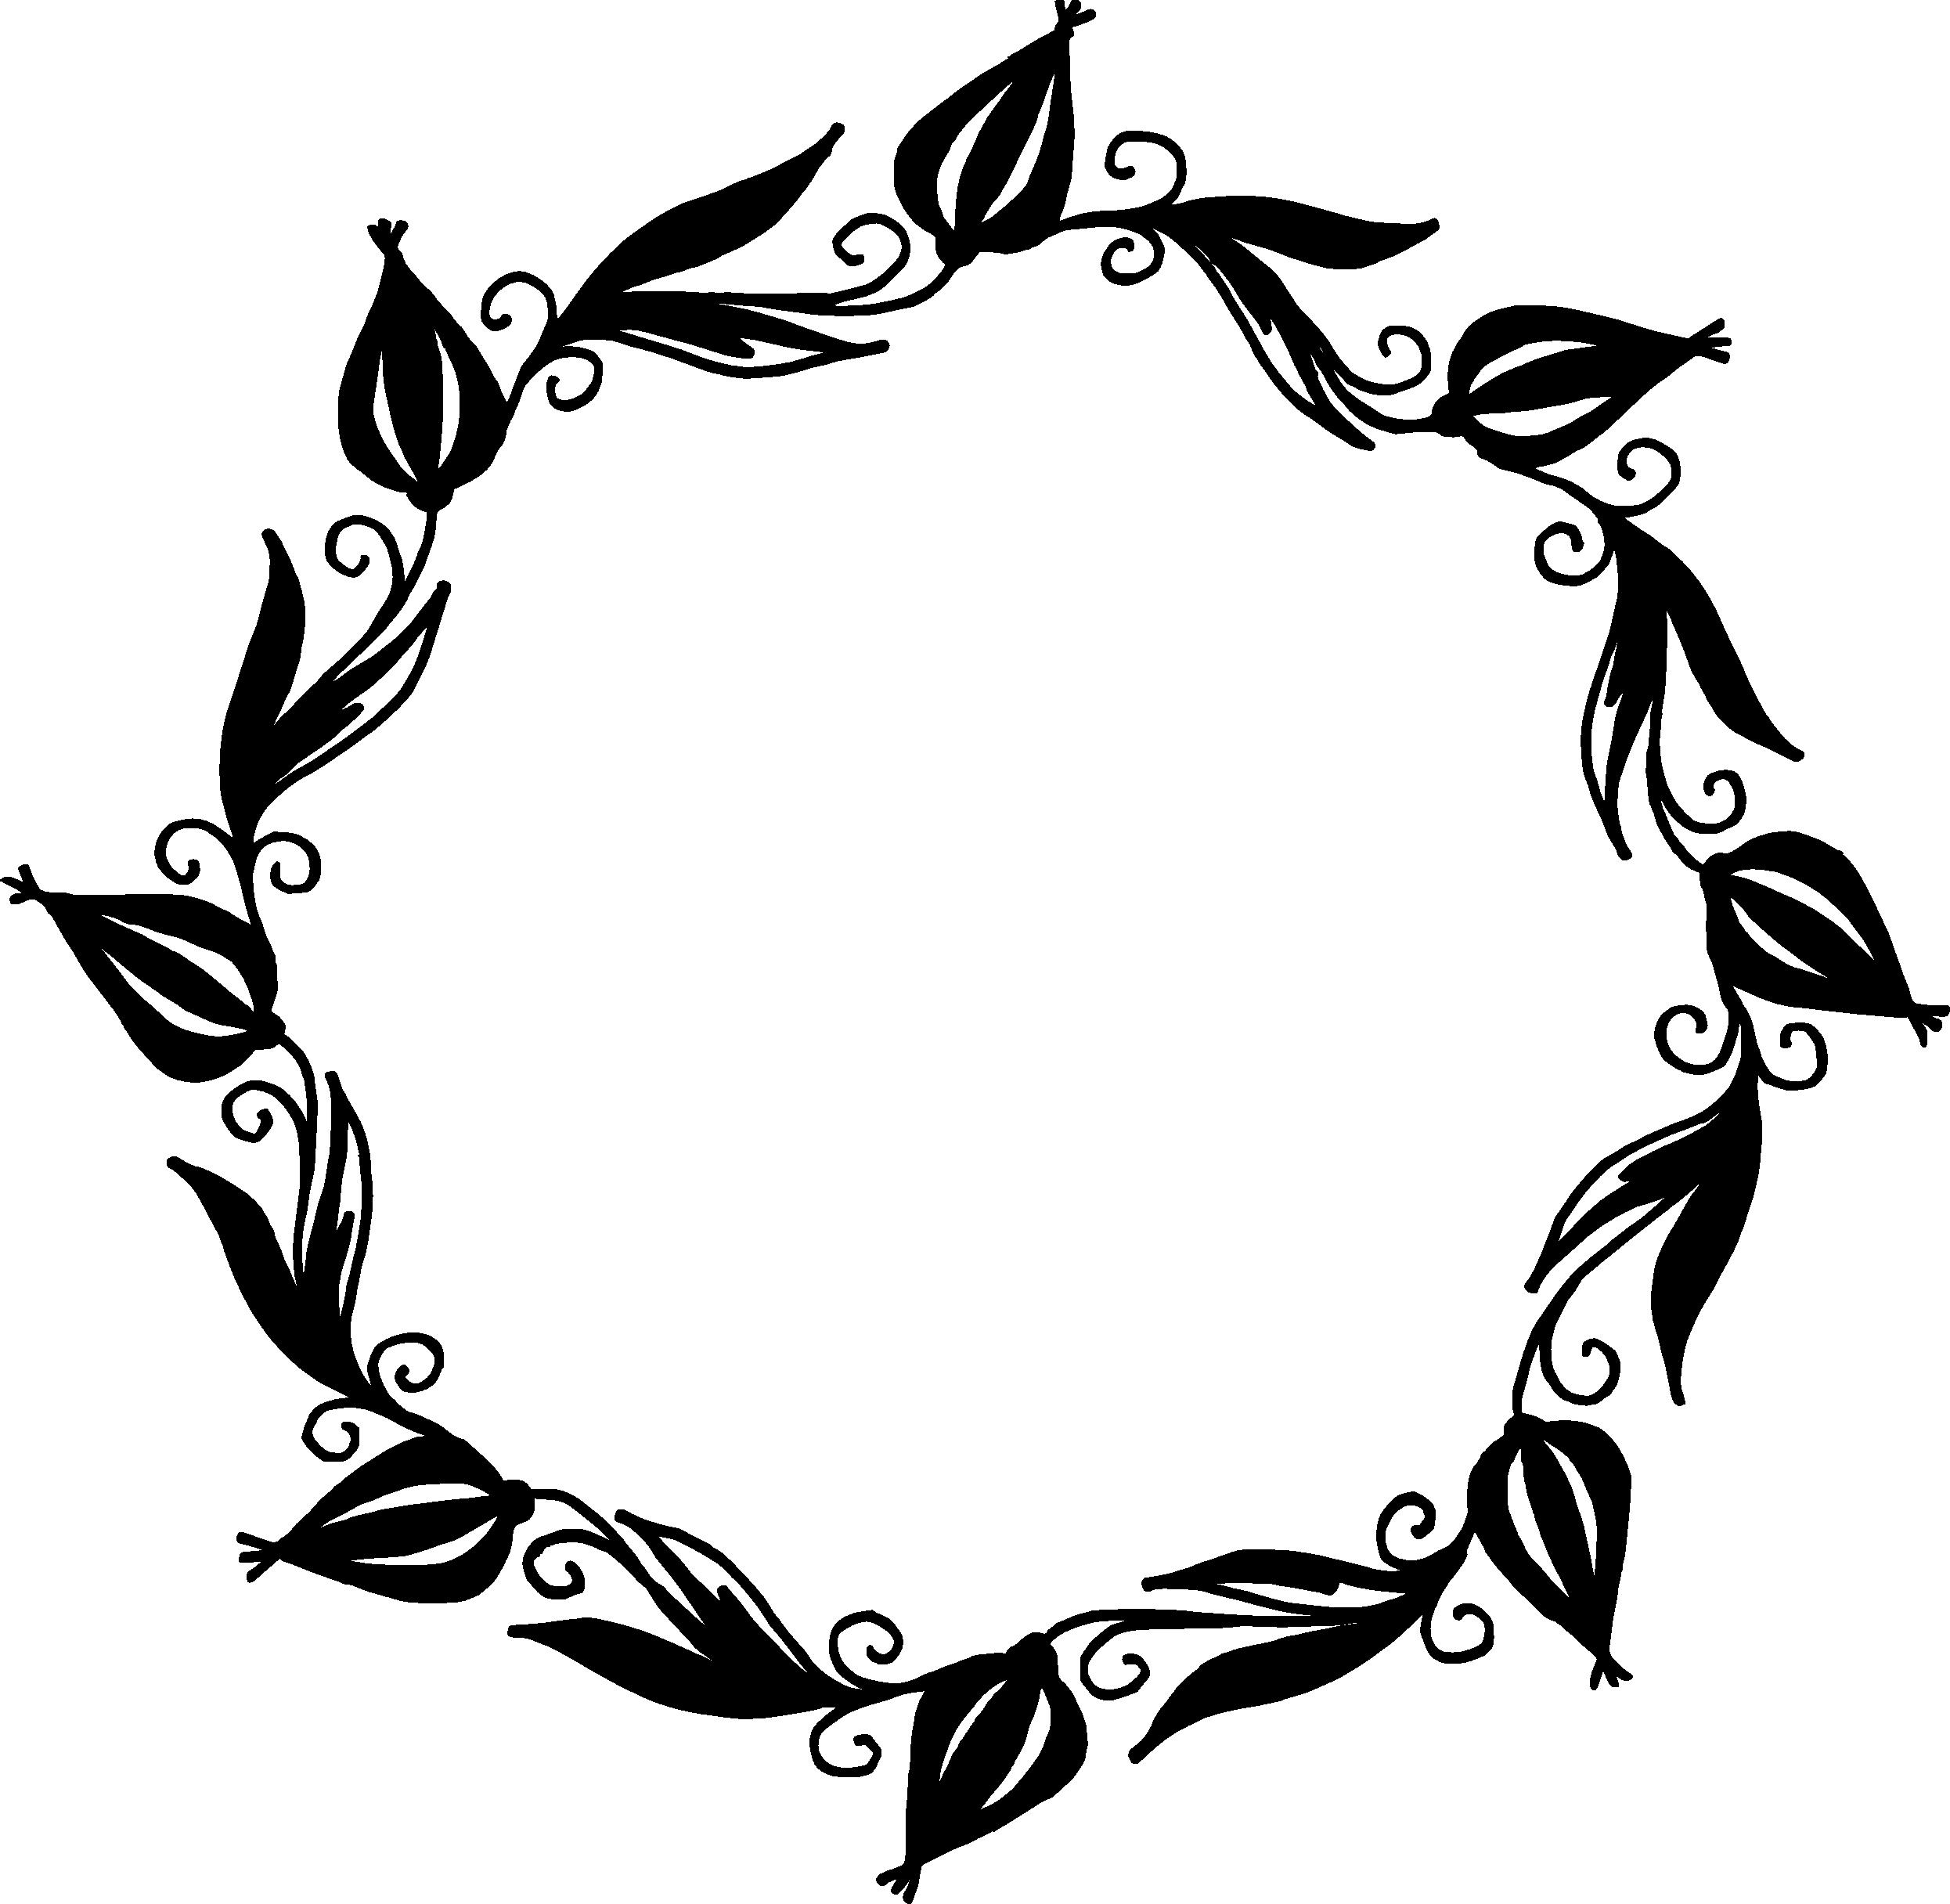 Mẫu ảnh hình tròn